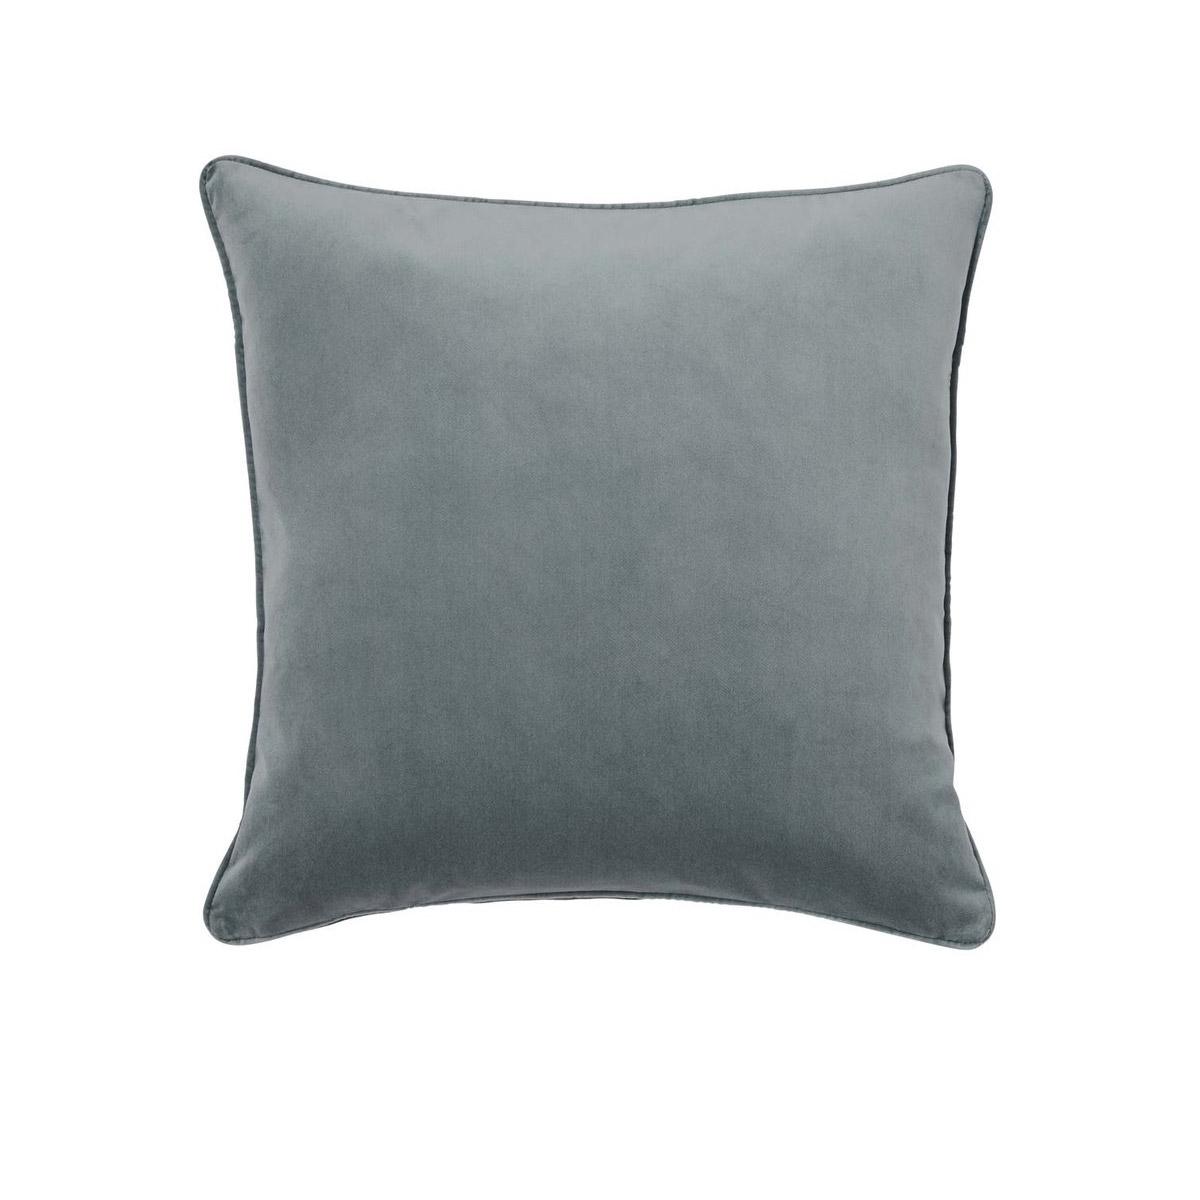 Weave velvet cushion